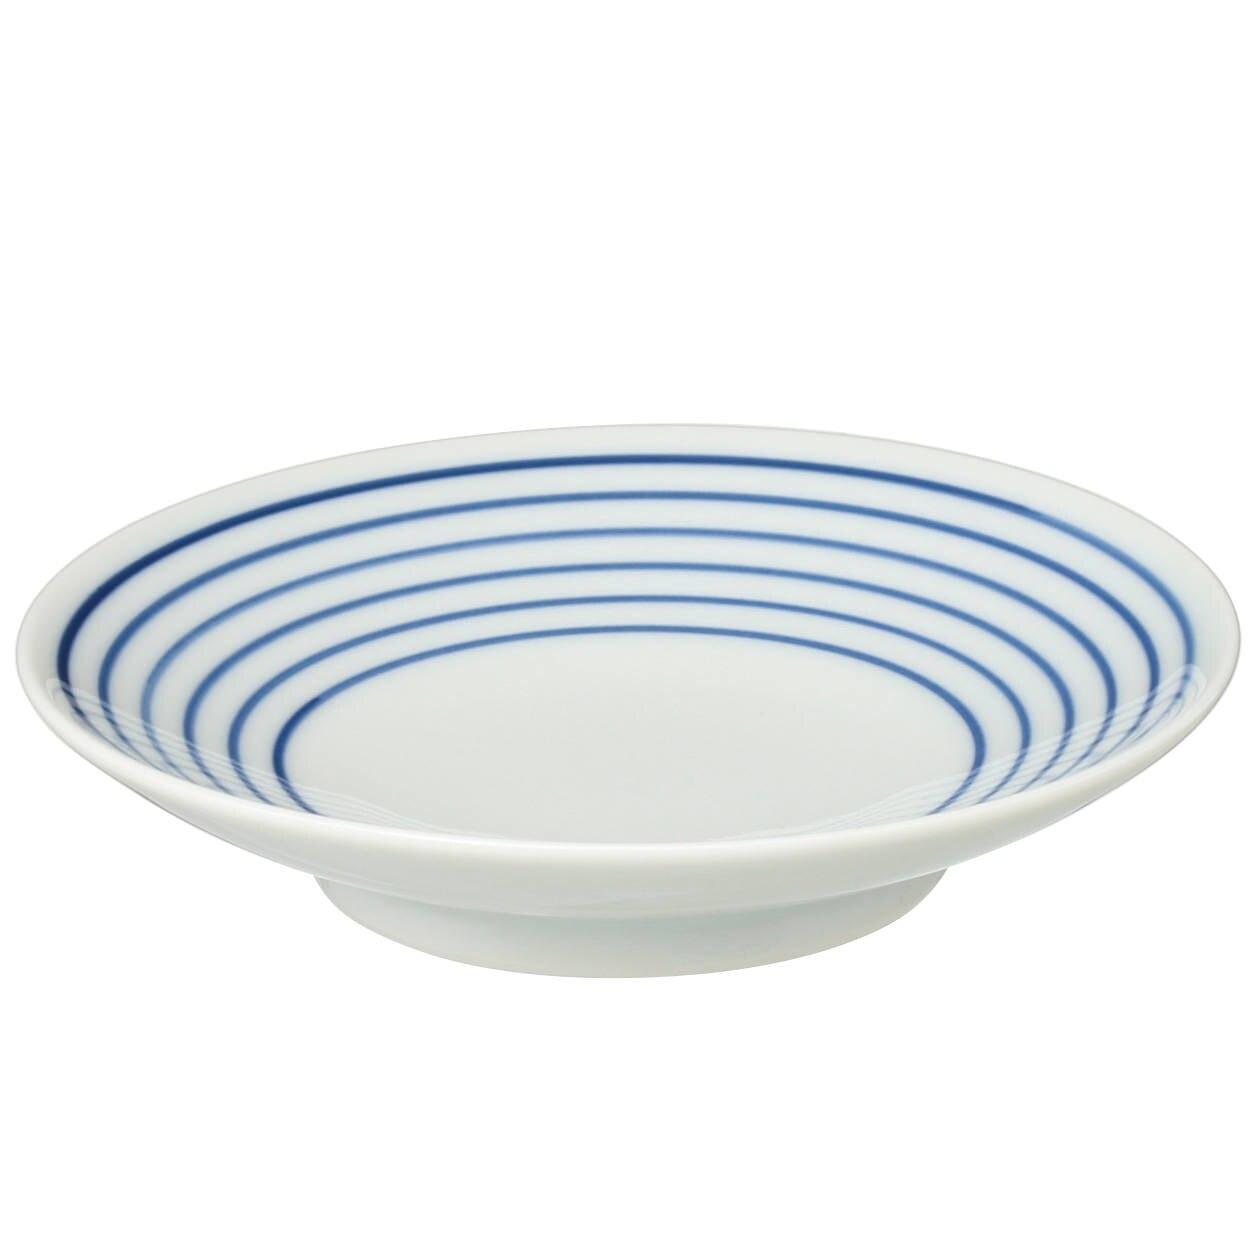 波佐見焼 豆皿の写真